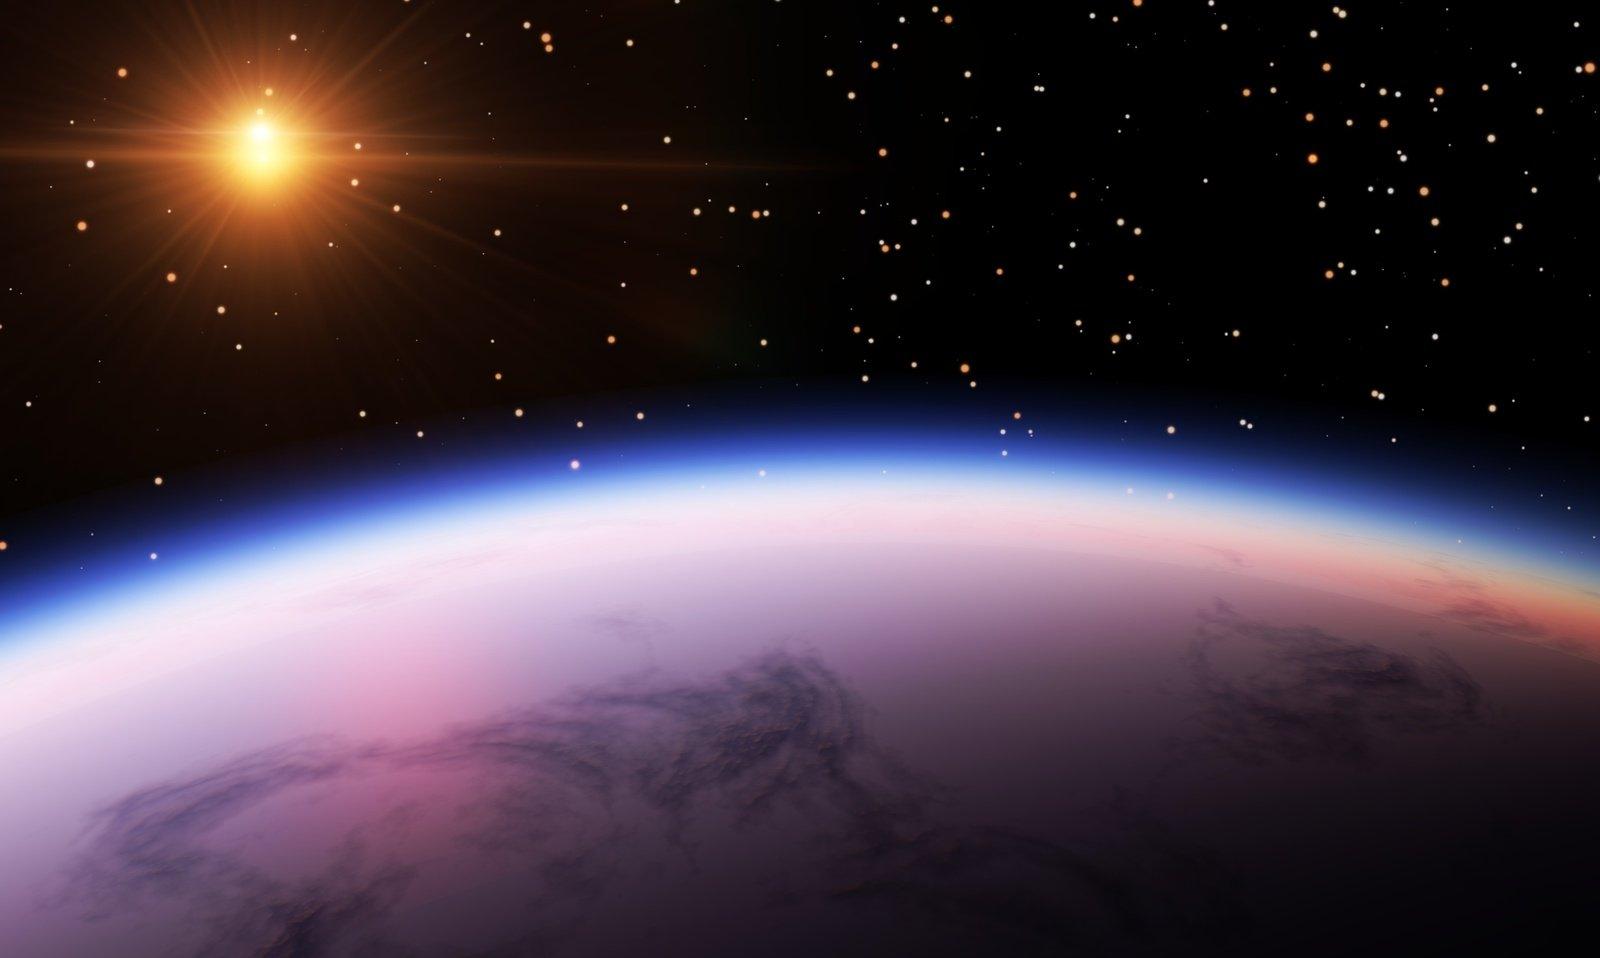 Space, Universe, Astrophysics